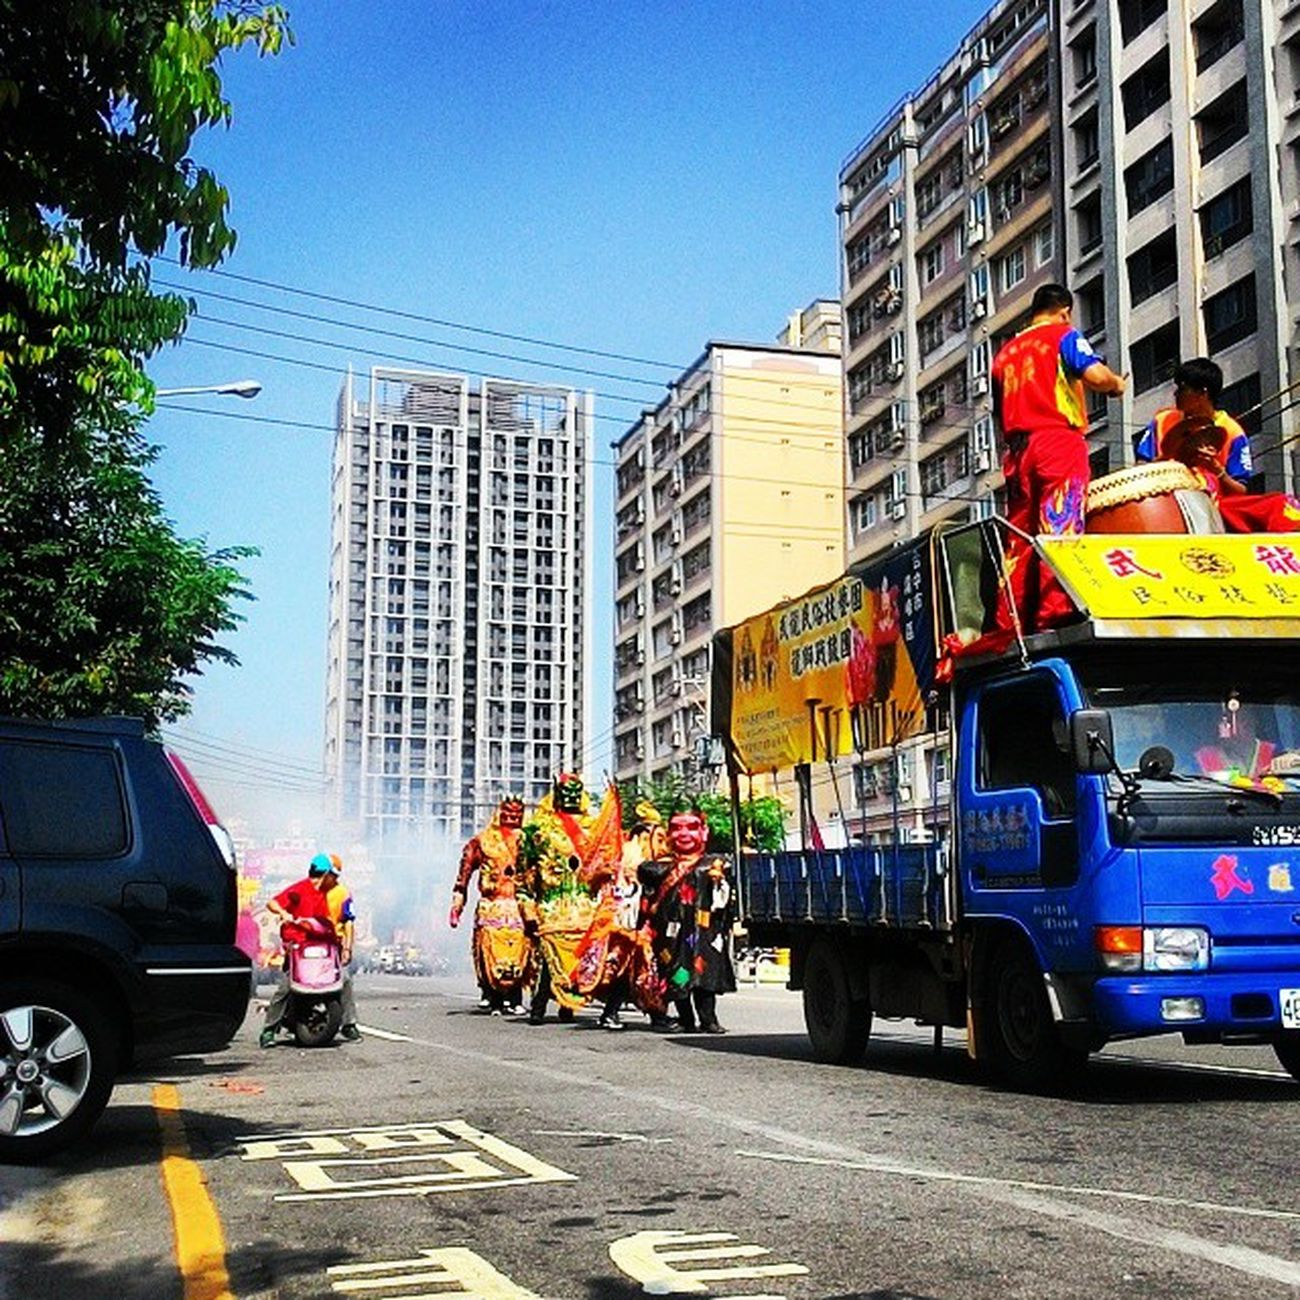 Morning Taiwan 台灣 民俗 Culture 文化 繞境 平安 祈福 Pray